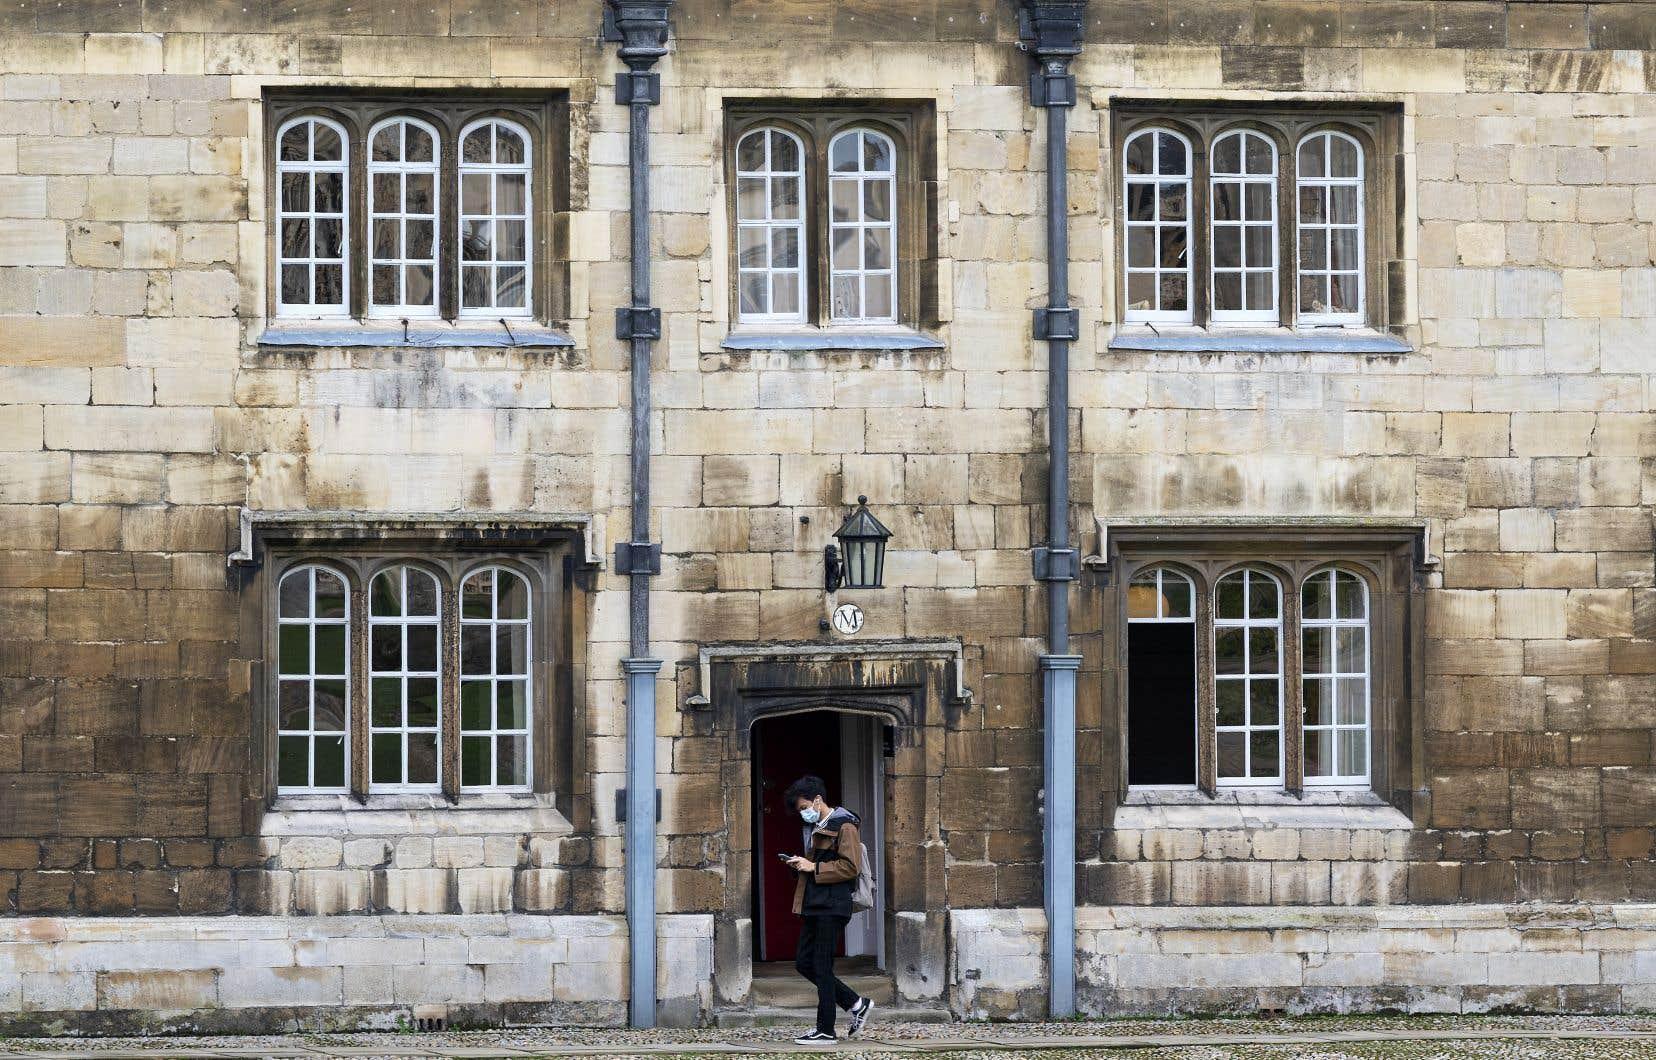 En 2019, l'annulation par l'Université de Cambridge (sur la photo) d'une série de conférences du célèbre et controversé professeur de psychologie canadien Jordan Peterson avait fait grand bruit. Des groupes militants lui reprochaient ses positions sur le féminisme et les personnes transgenres.